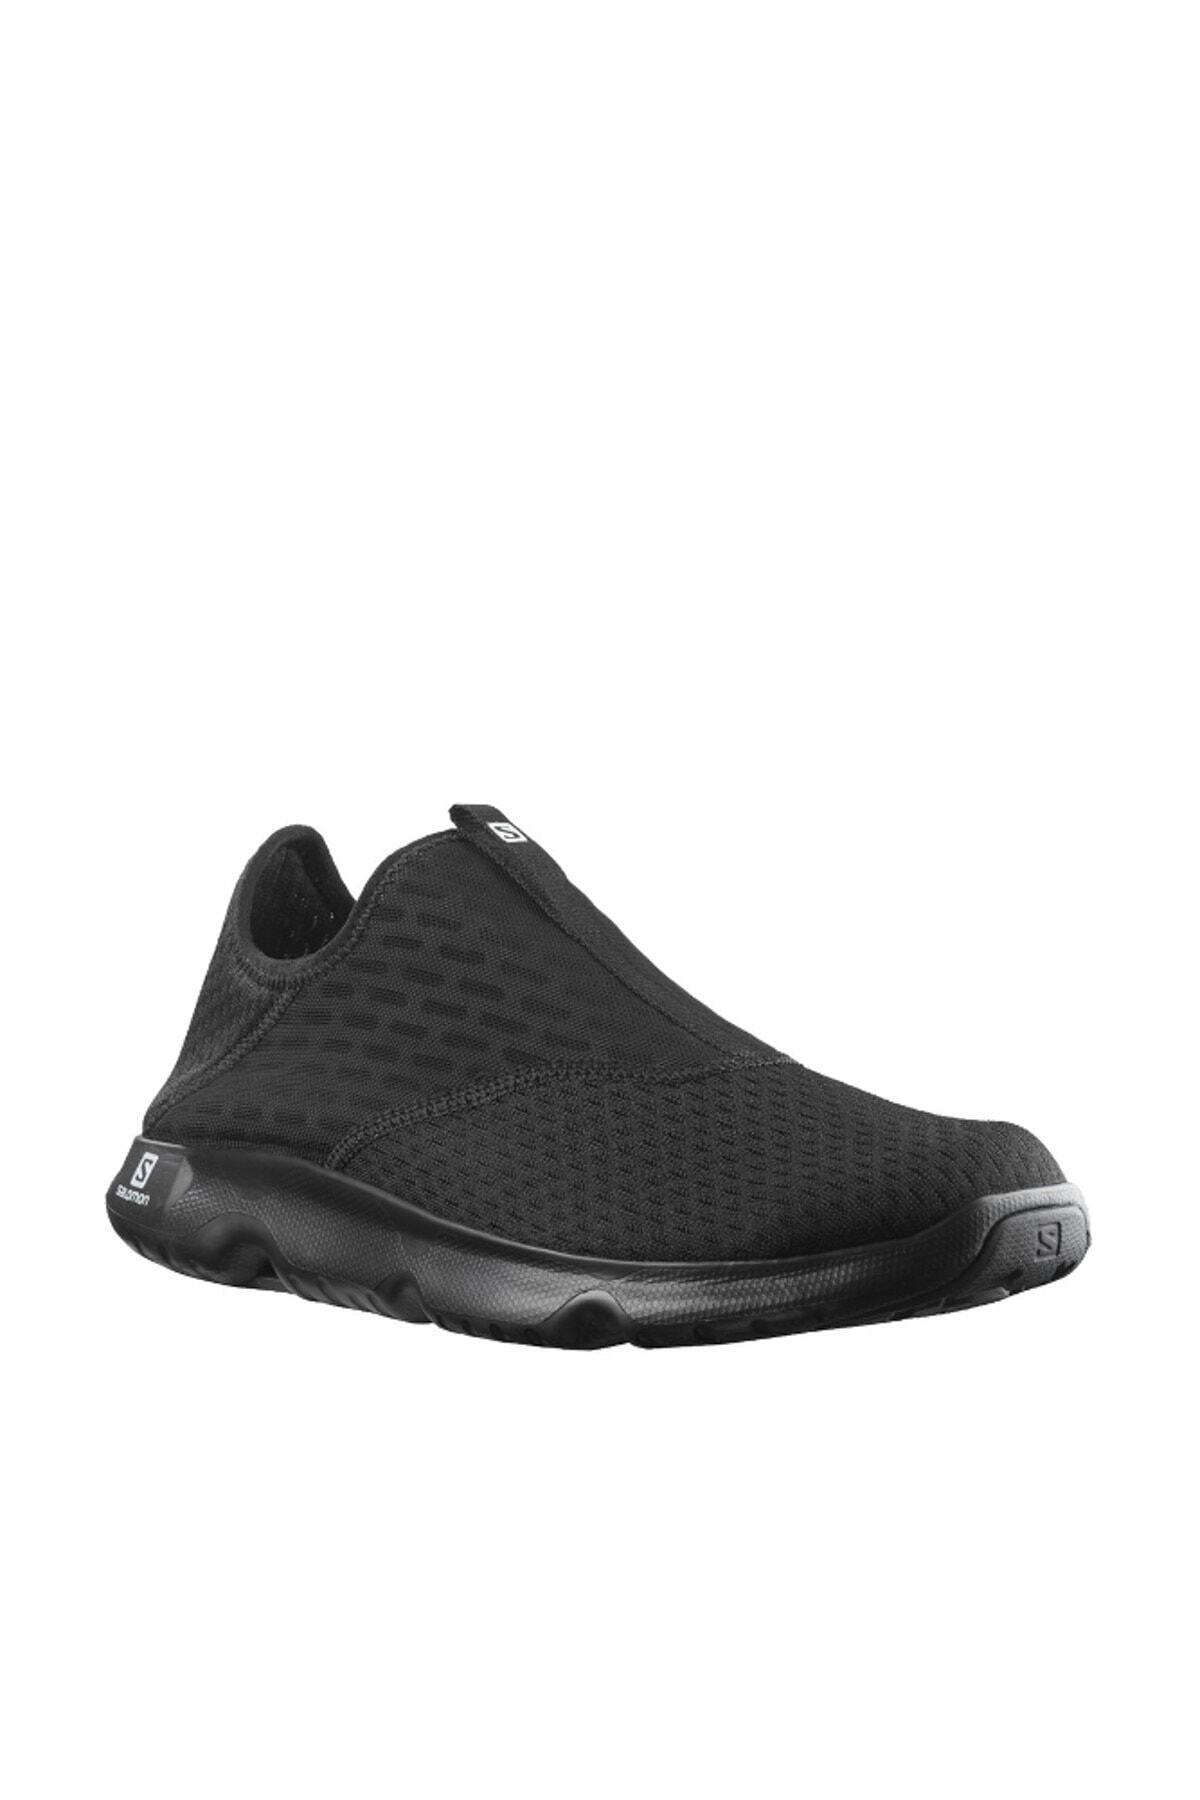 سفارش انلاین کفش کوهنوردی مردانه ساده برند Salomon رنگ مشکی کد ty87571533